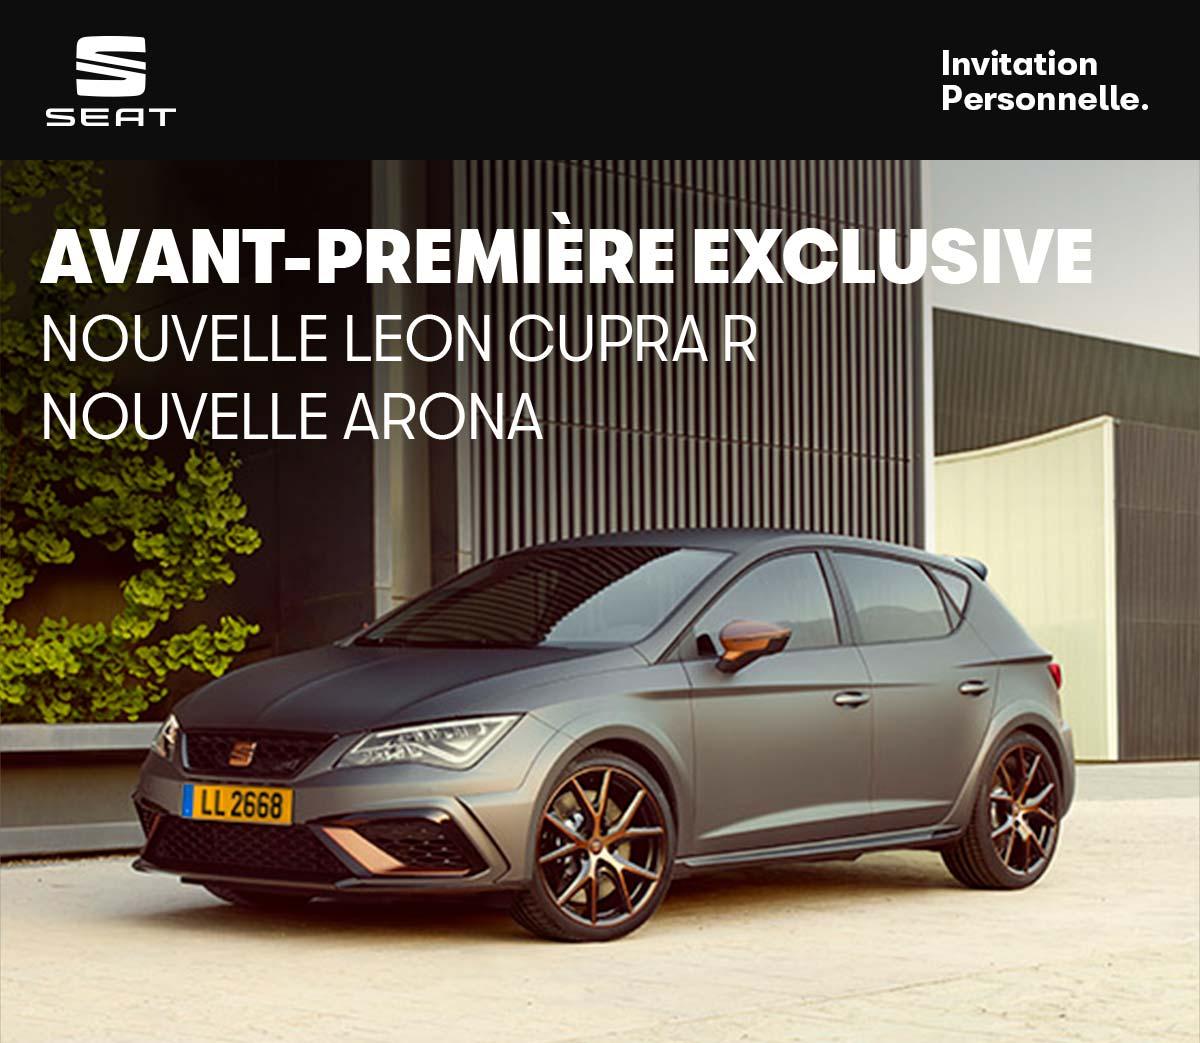 Avant-première exclusive : nouvelle Leon Cupra R et nouvelle Arona